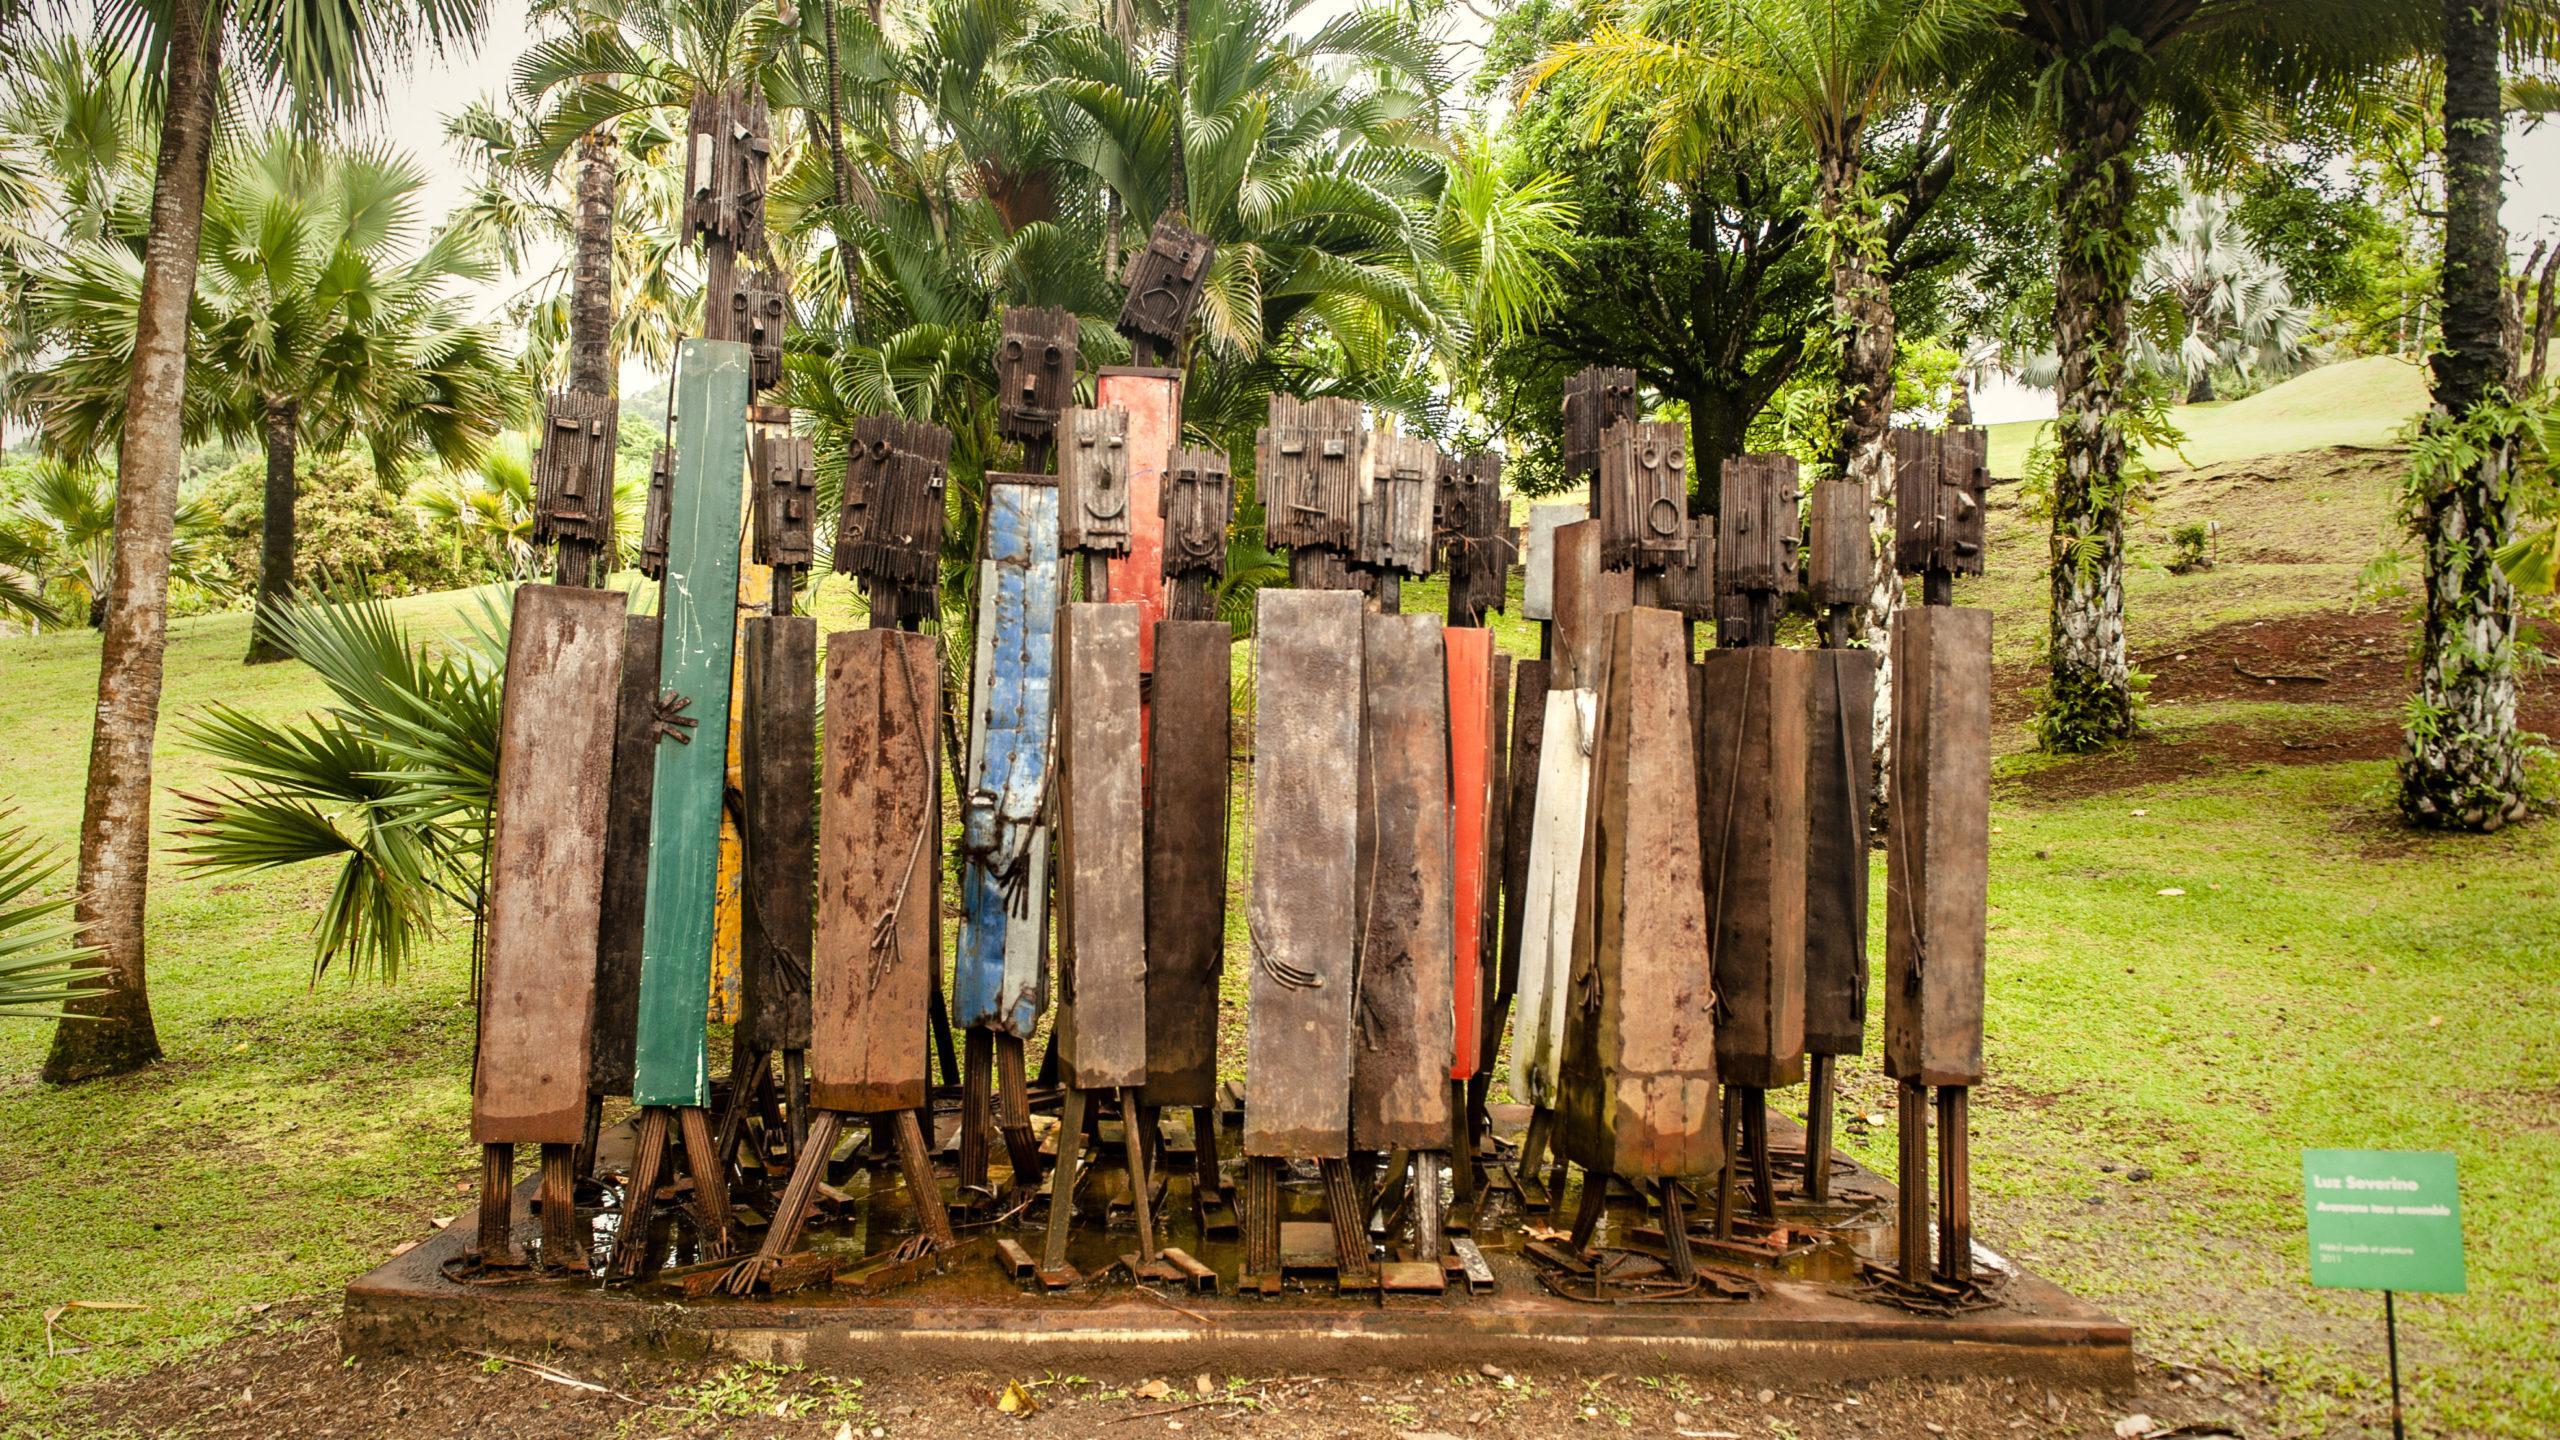 Auch diese Skulptur erinnert im Kunst-Park der Habitation Clèment an das Schicksal der Sklaven. Foto: Hilke Maunder